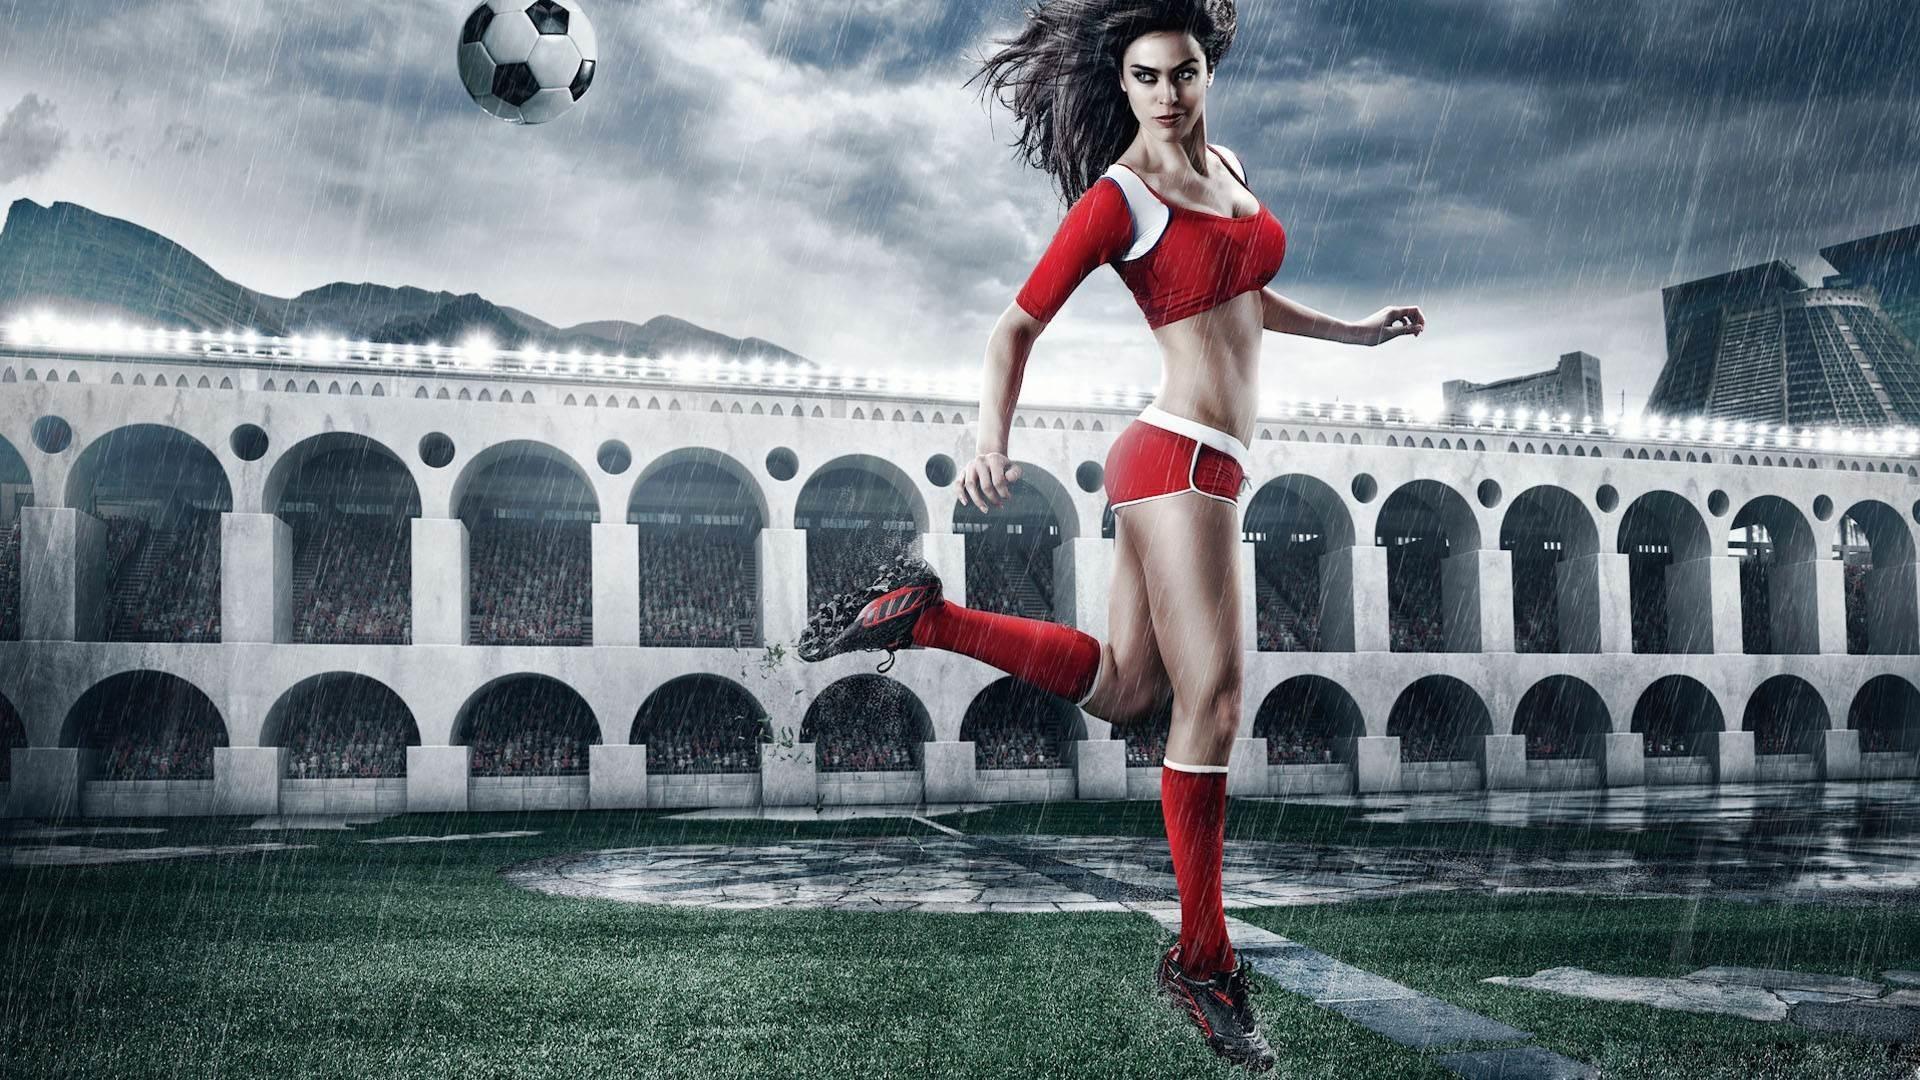 Football HD desktop wallpaper : High Definition : Fullscreen : Mobile  1920×1080 Football Wallpaper